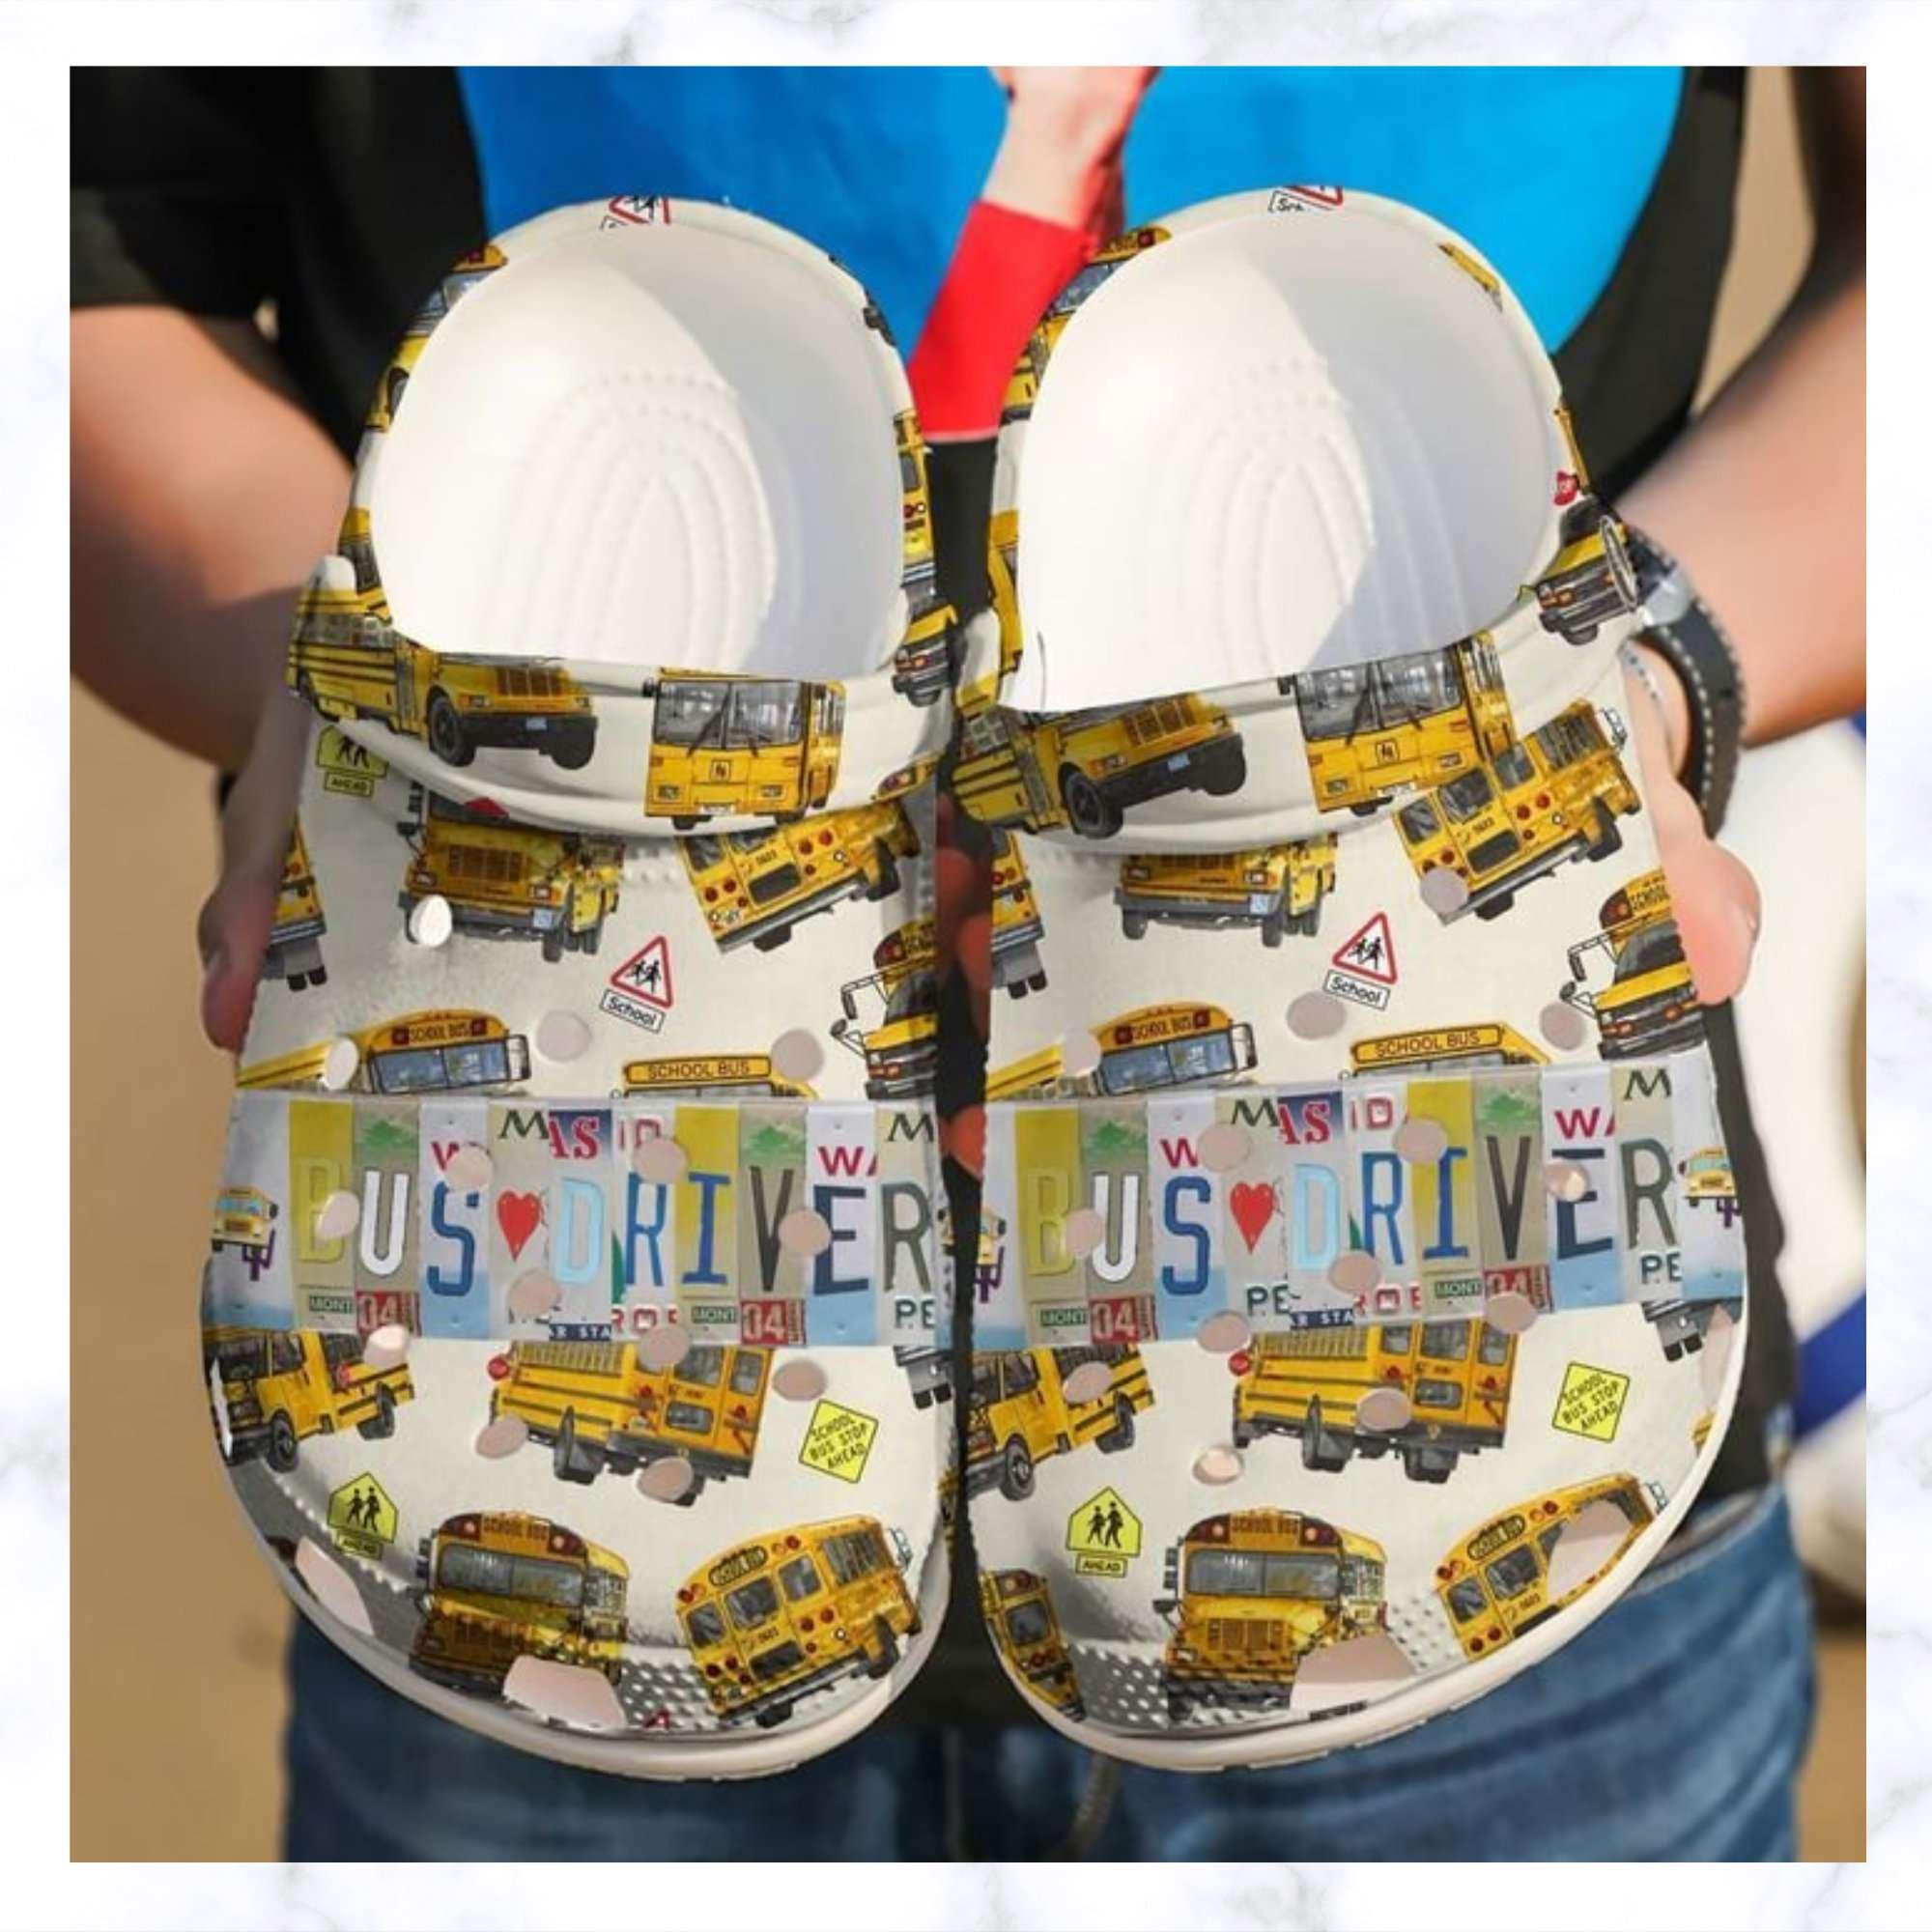 Bus Driver License Plate Crocs Clog Shoes